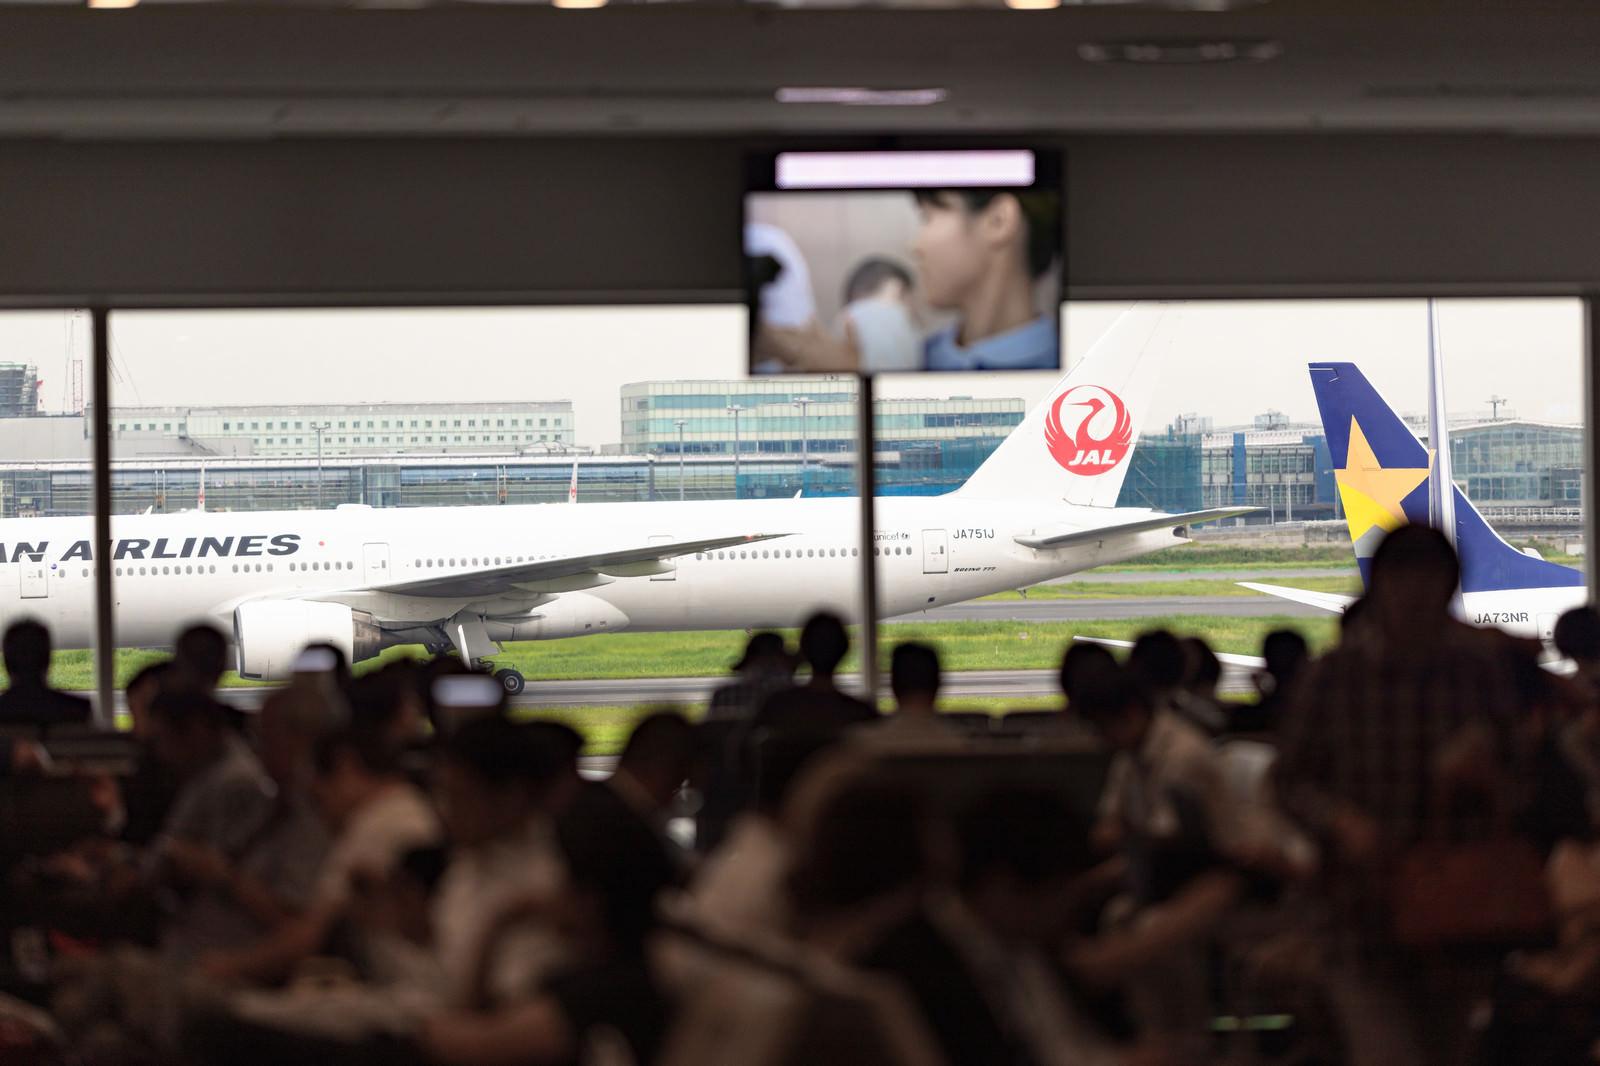 「空港の出発ロビーで待つ人々」の写真